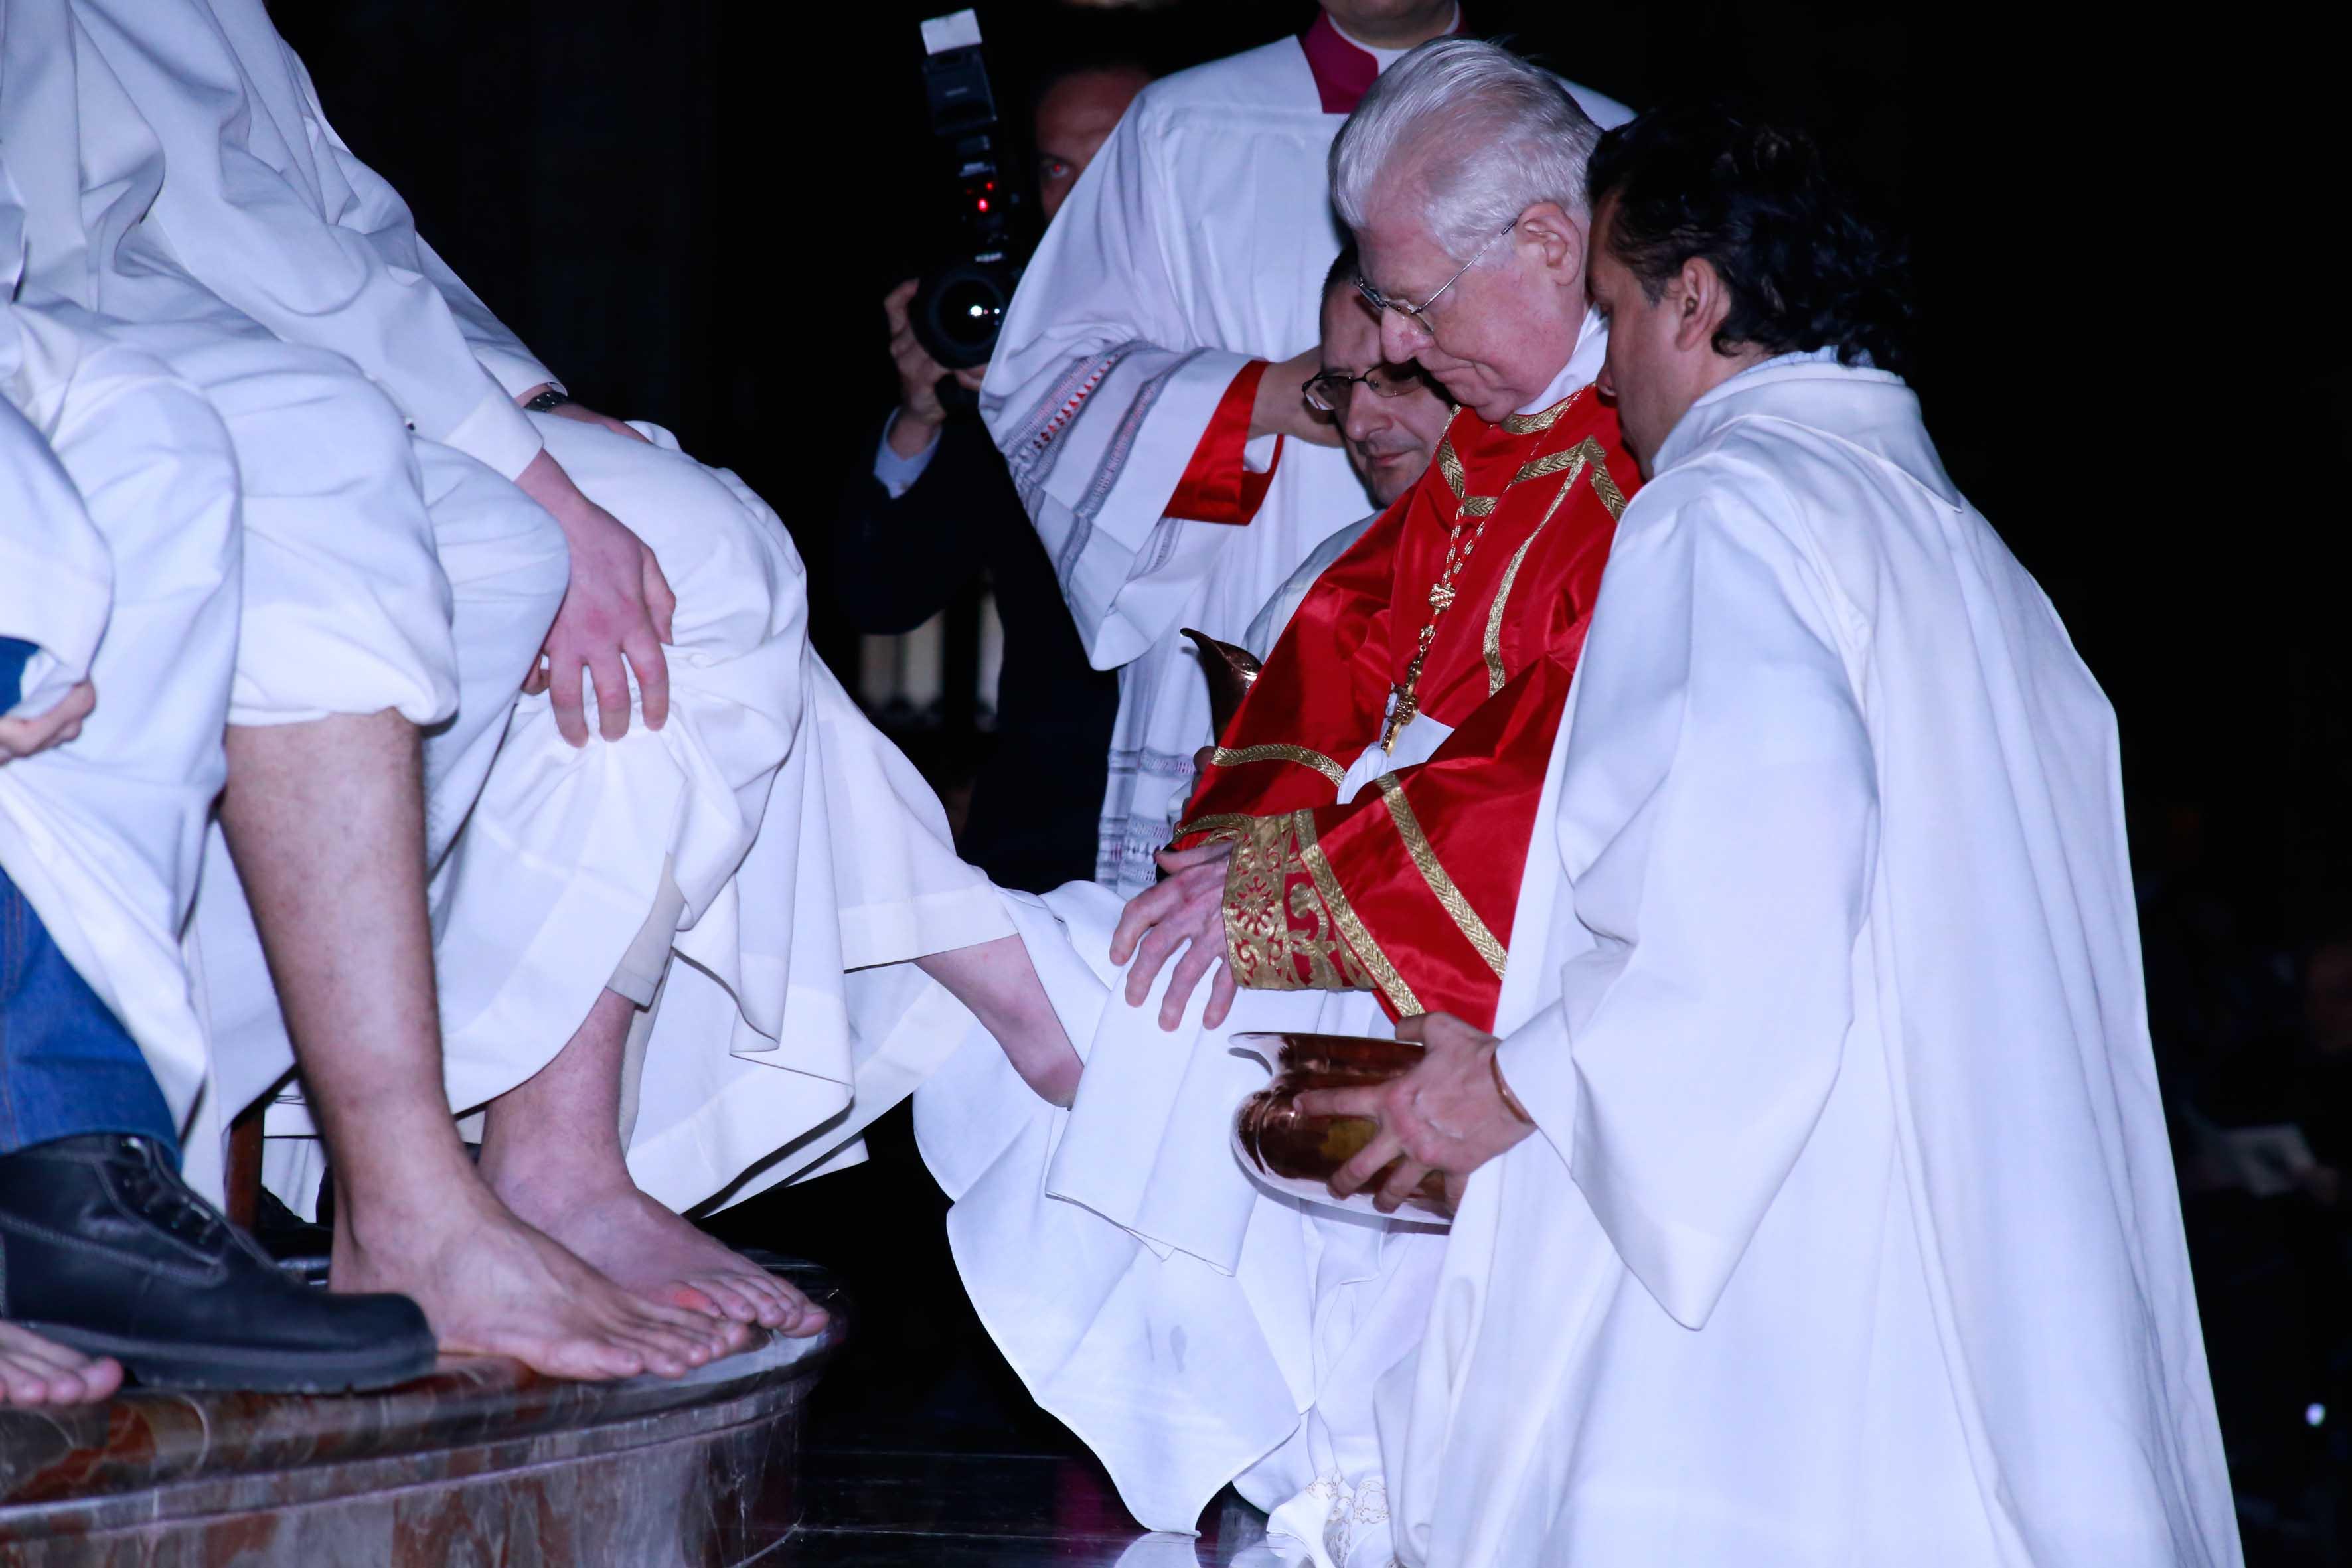 Milano, la lavanda dei piedi alle donne al Duomo: un'apertura attesa da decenni